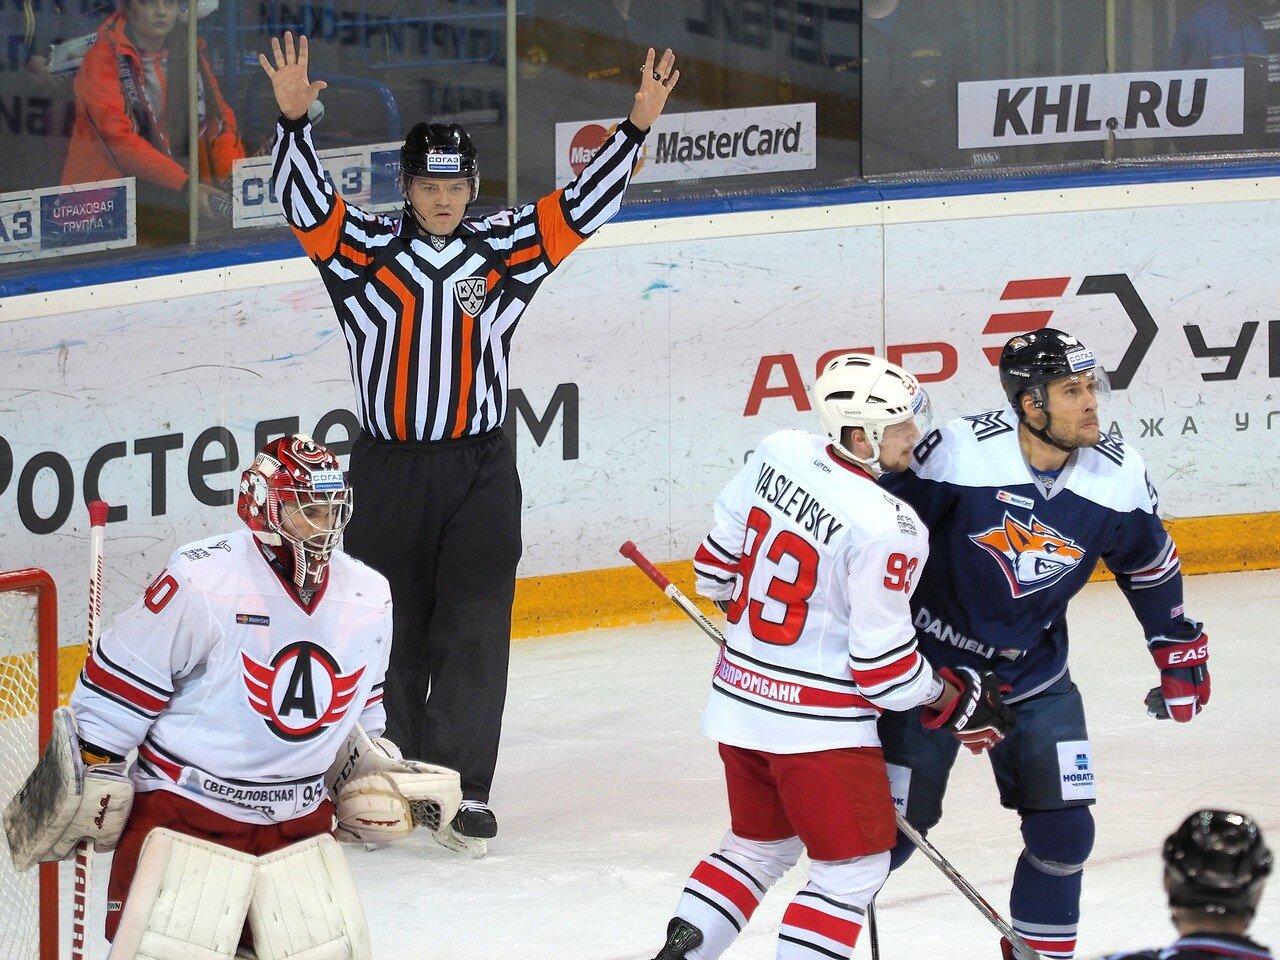 68Восток 1/4 плей-офф Металлург - Автомобилист 01.03.2016